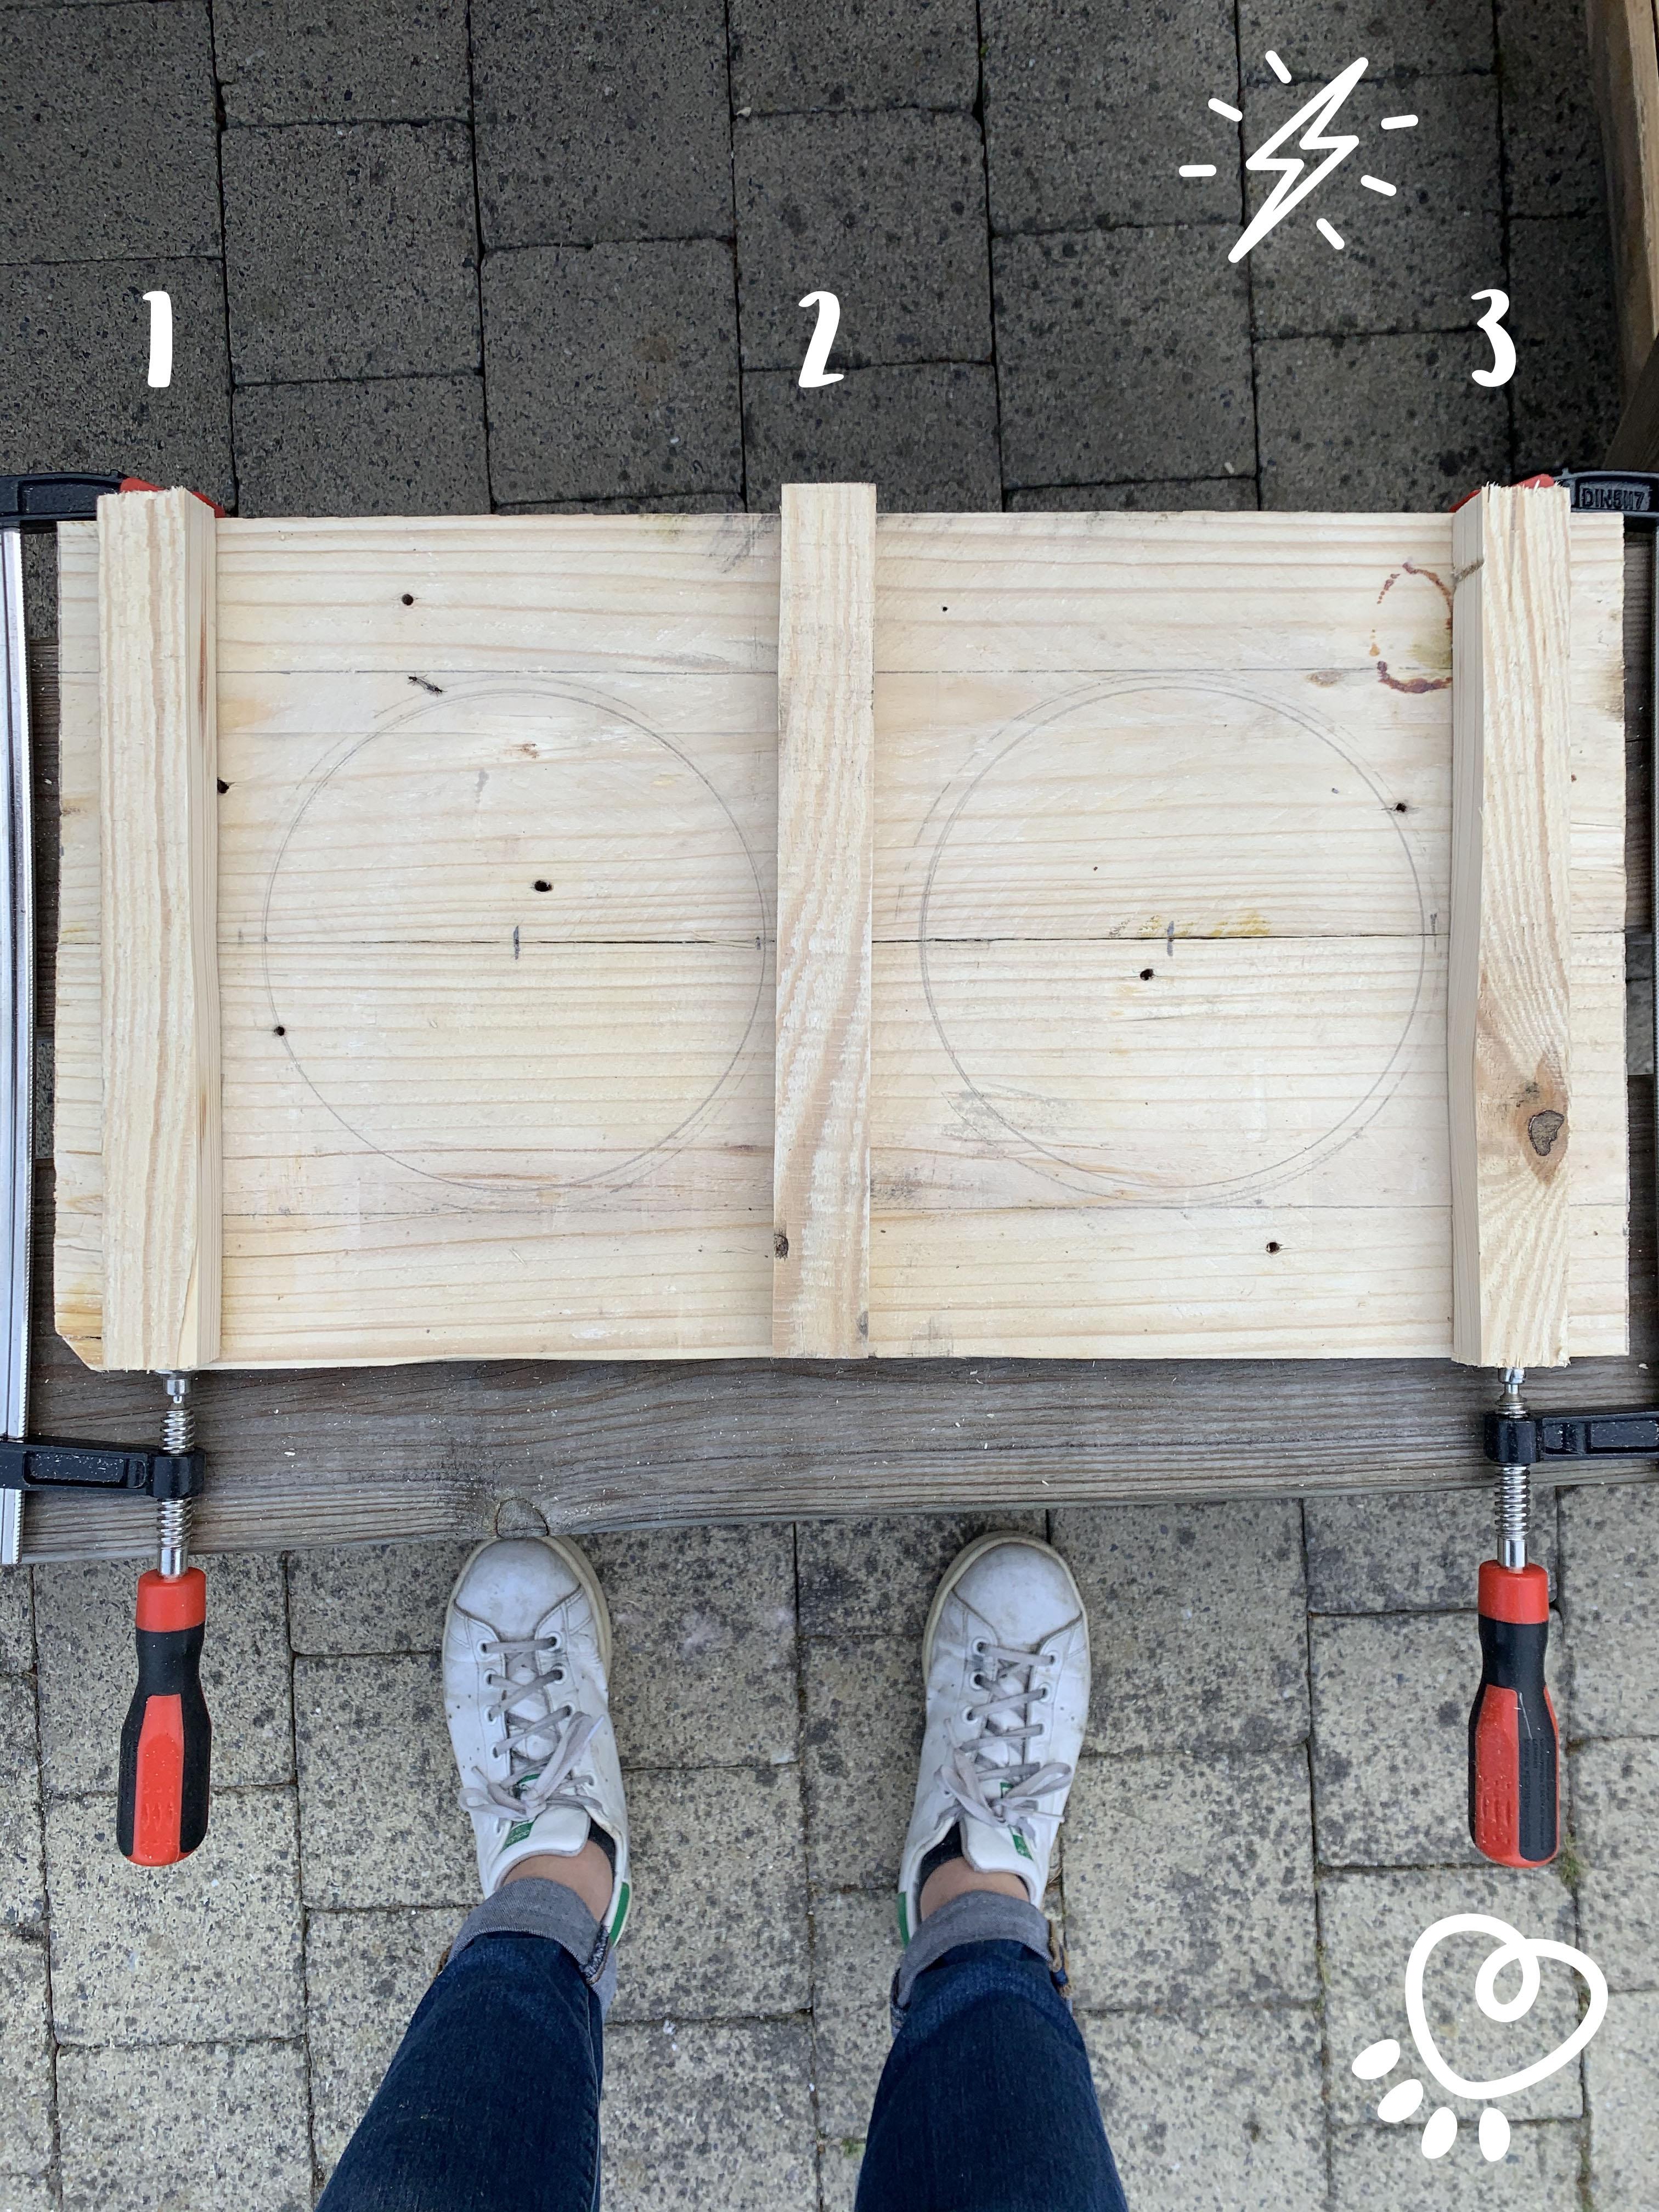 Construire un porte gamelle avec des palettes de récupération